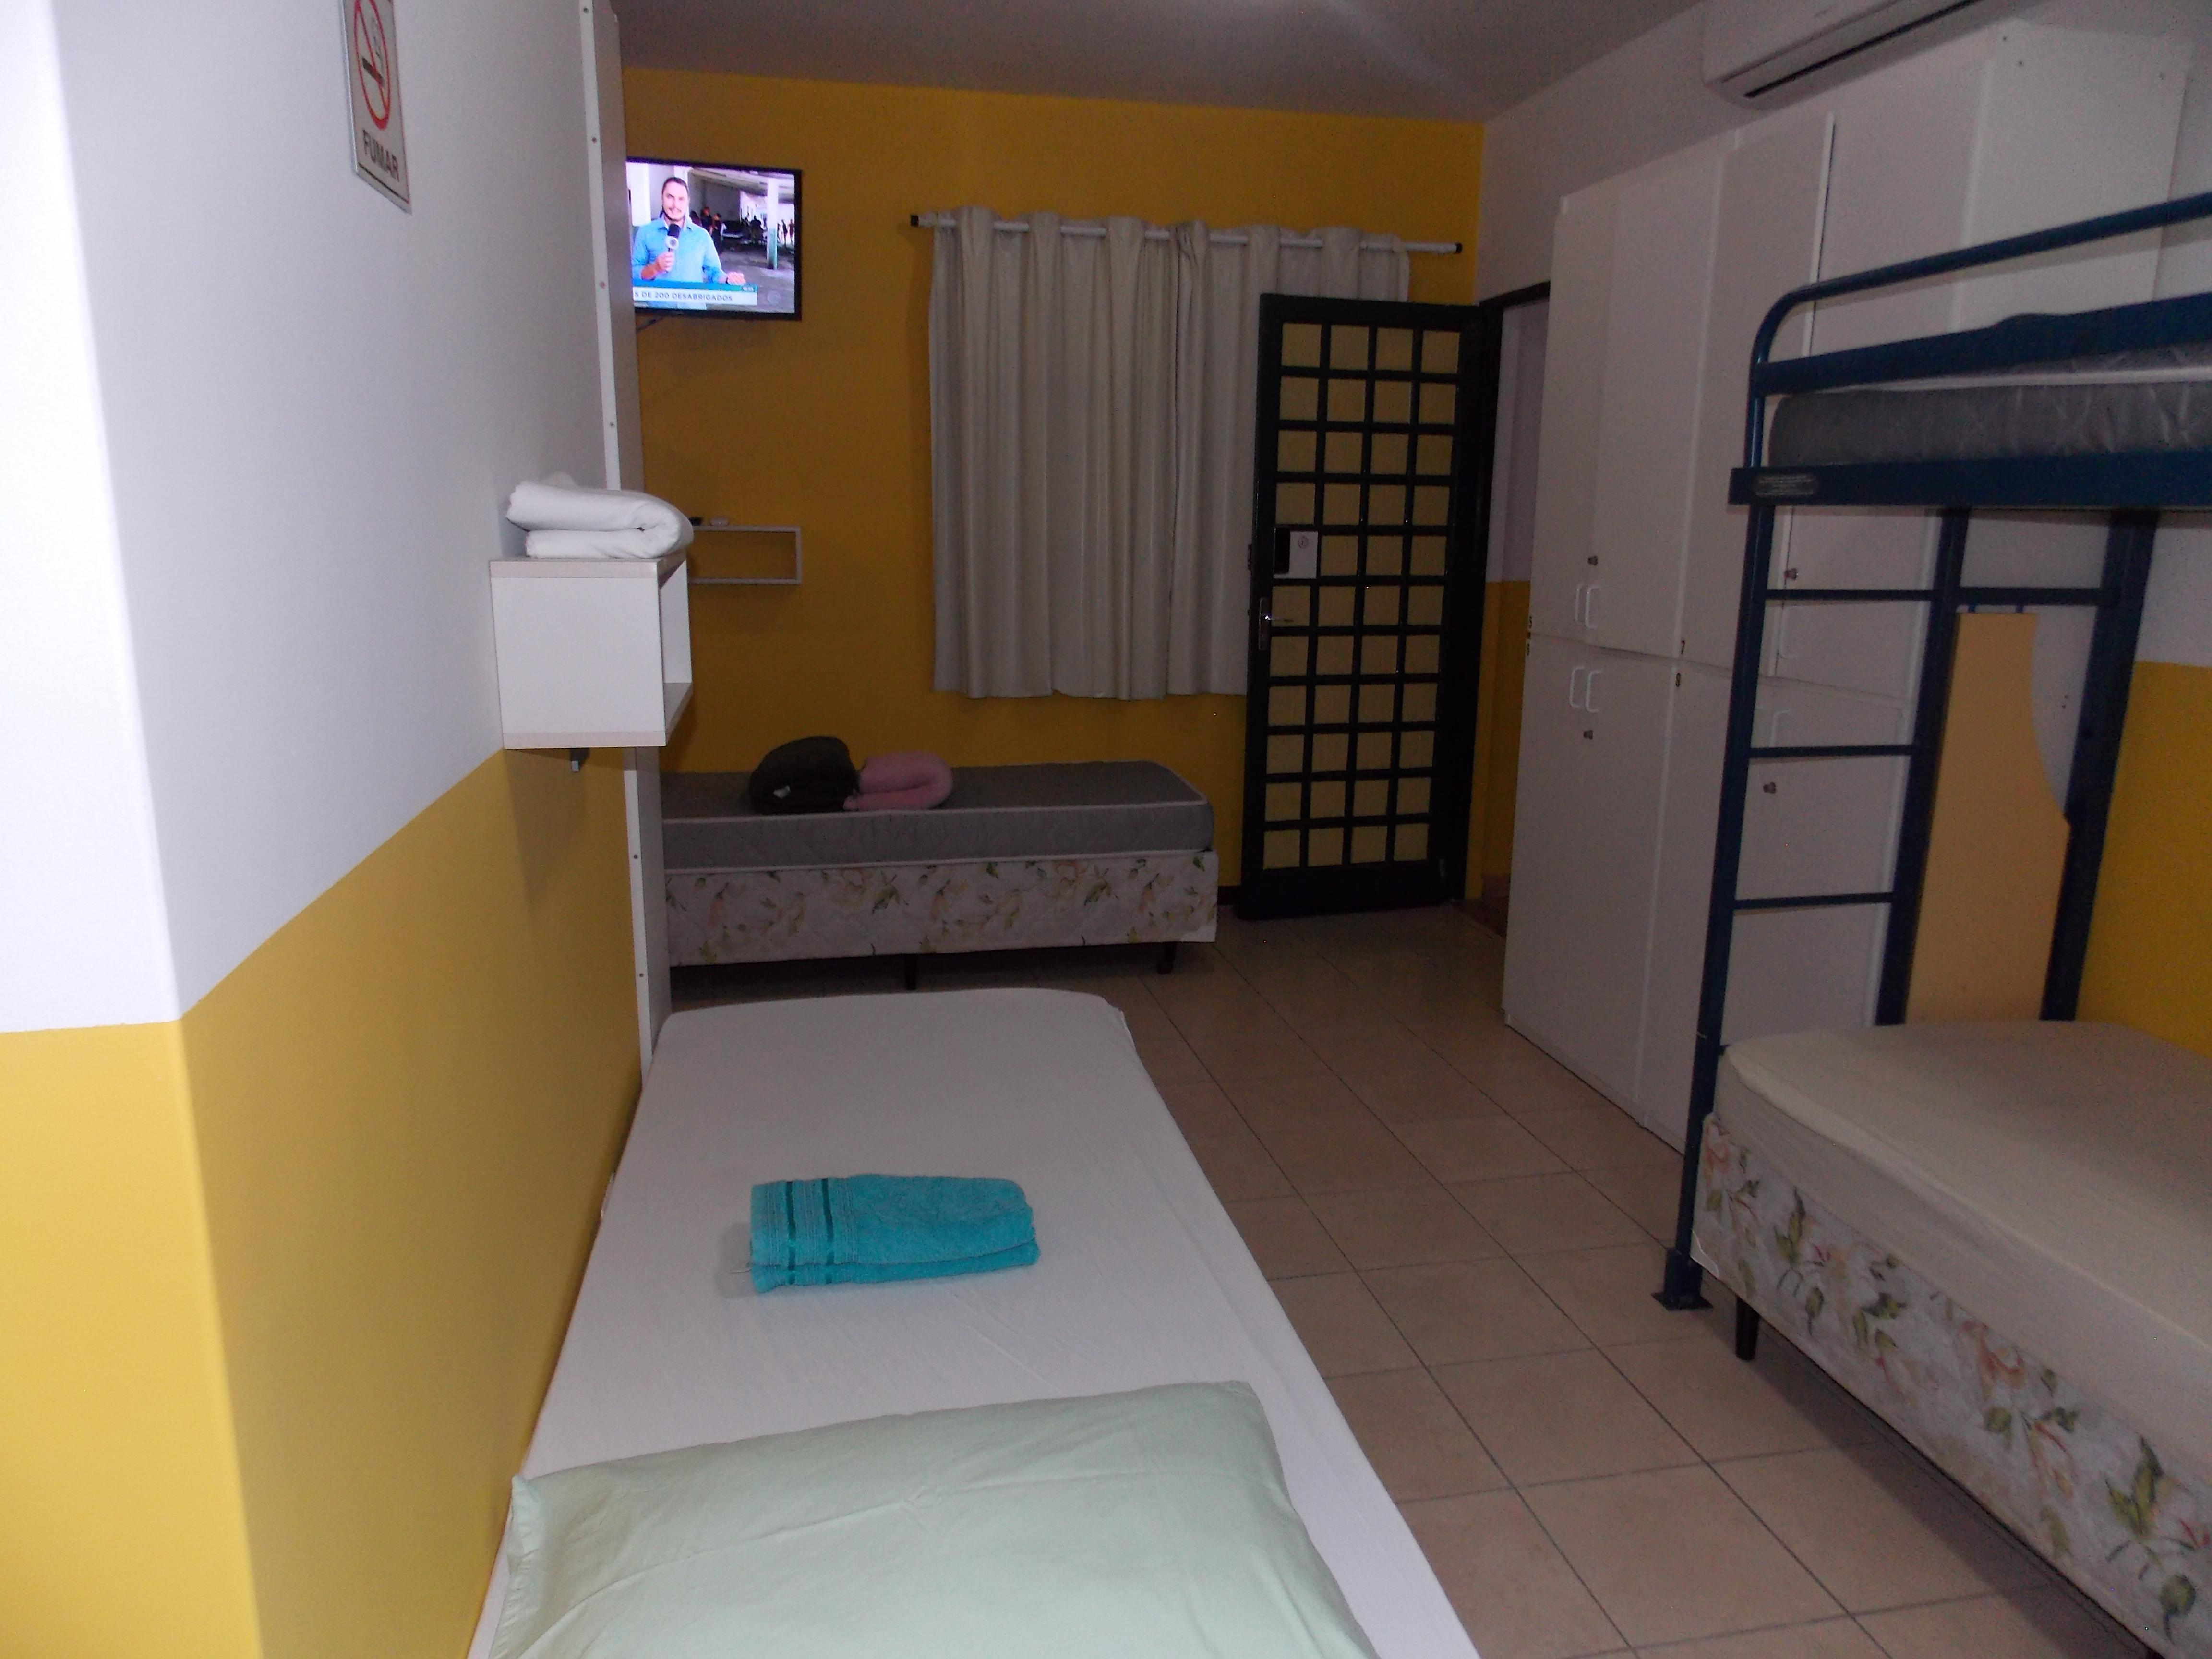 hostel 219 (91).JPG